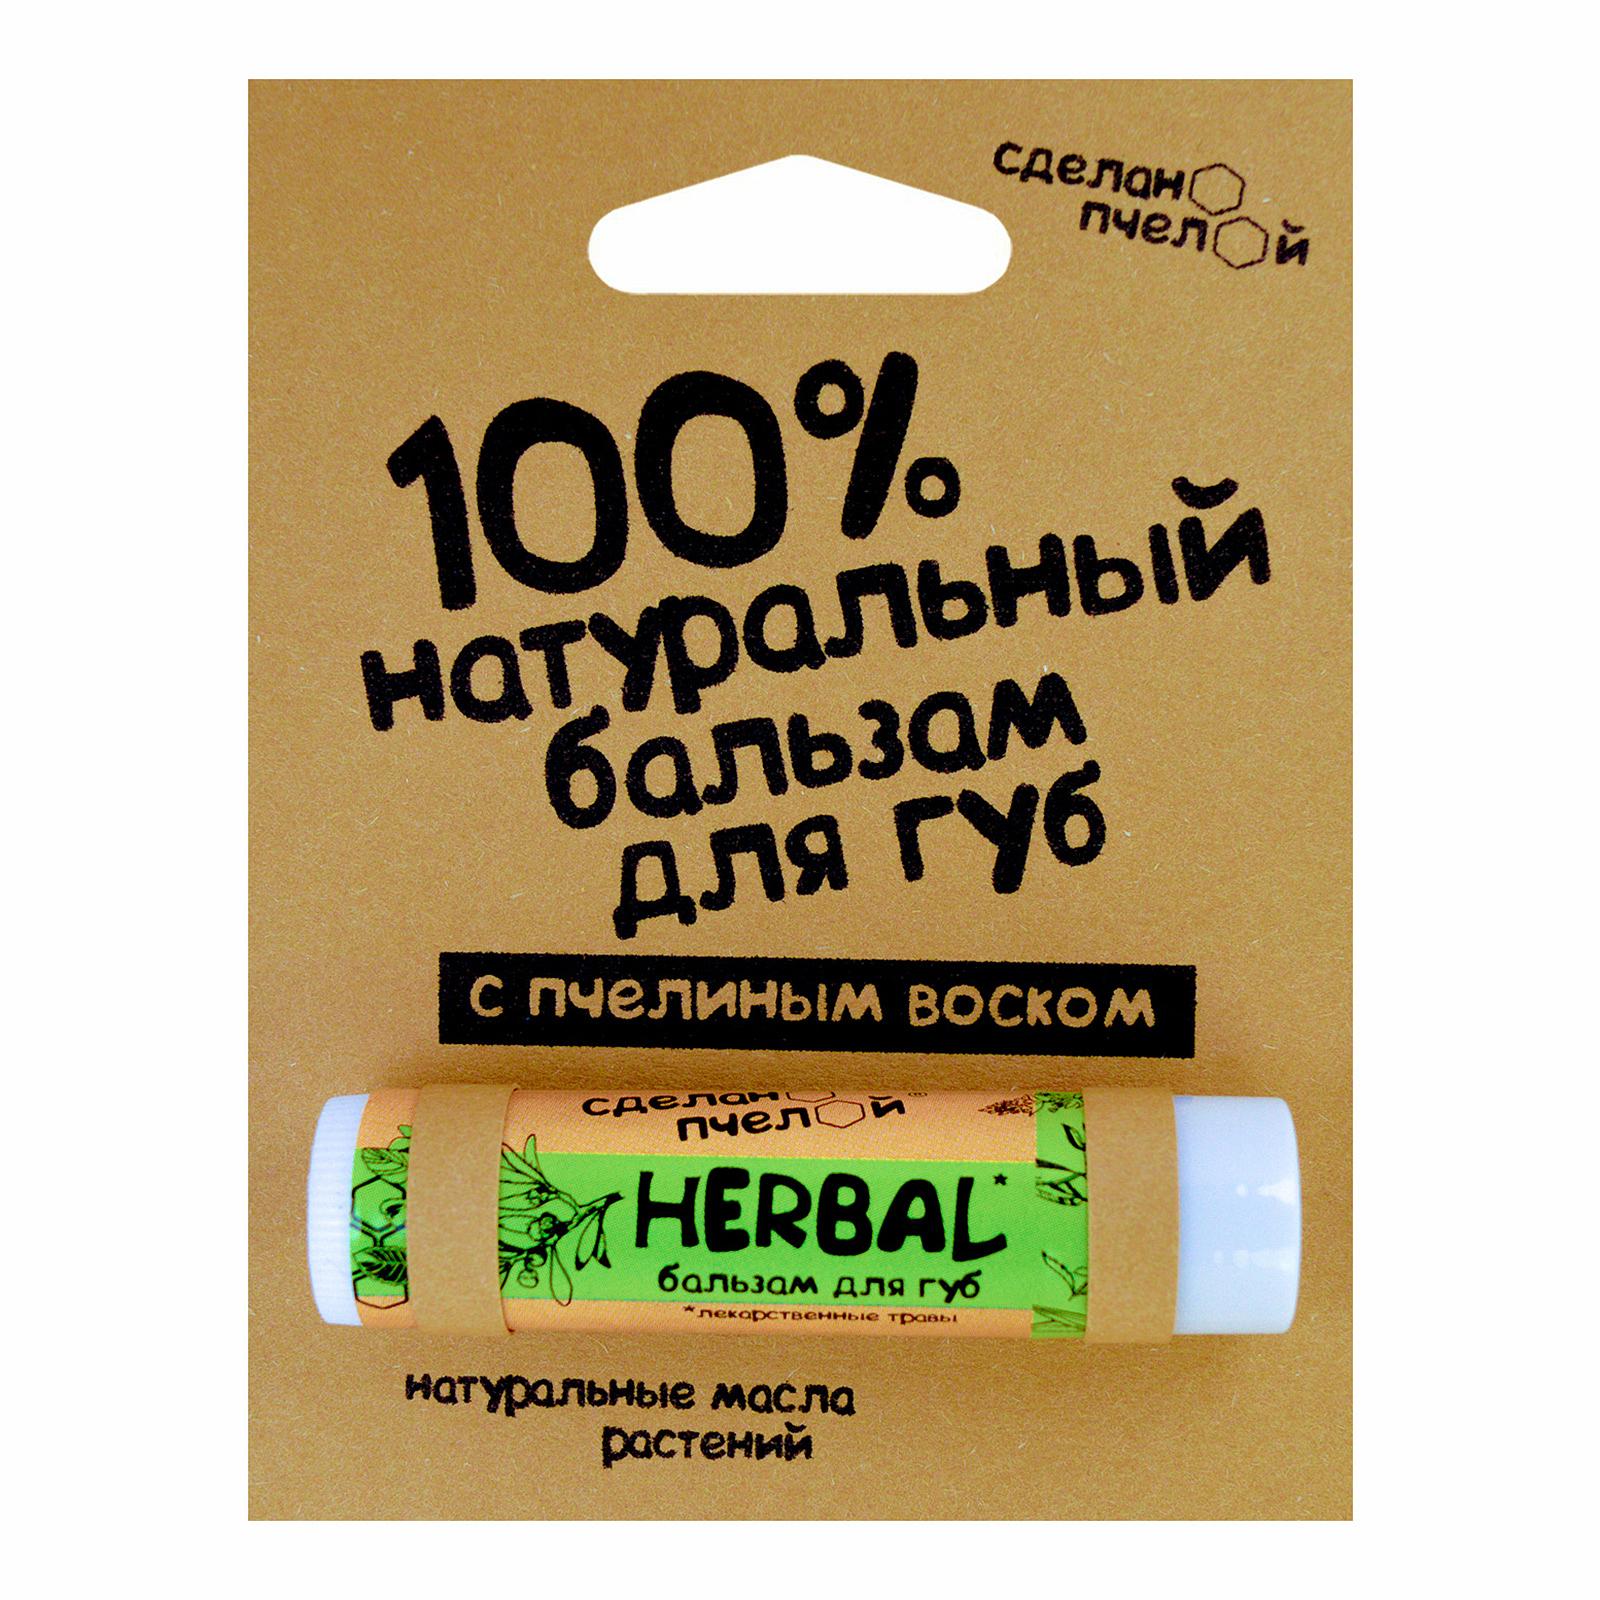 Натуральный бальзам для губ Сделанопчелой с пчелиным воском Herbal